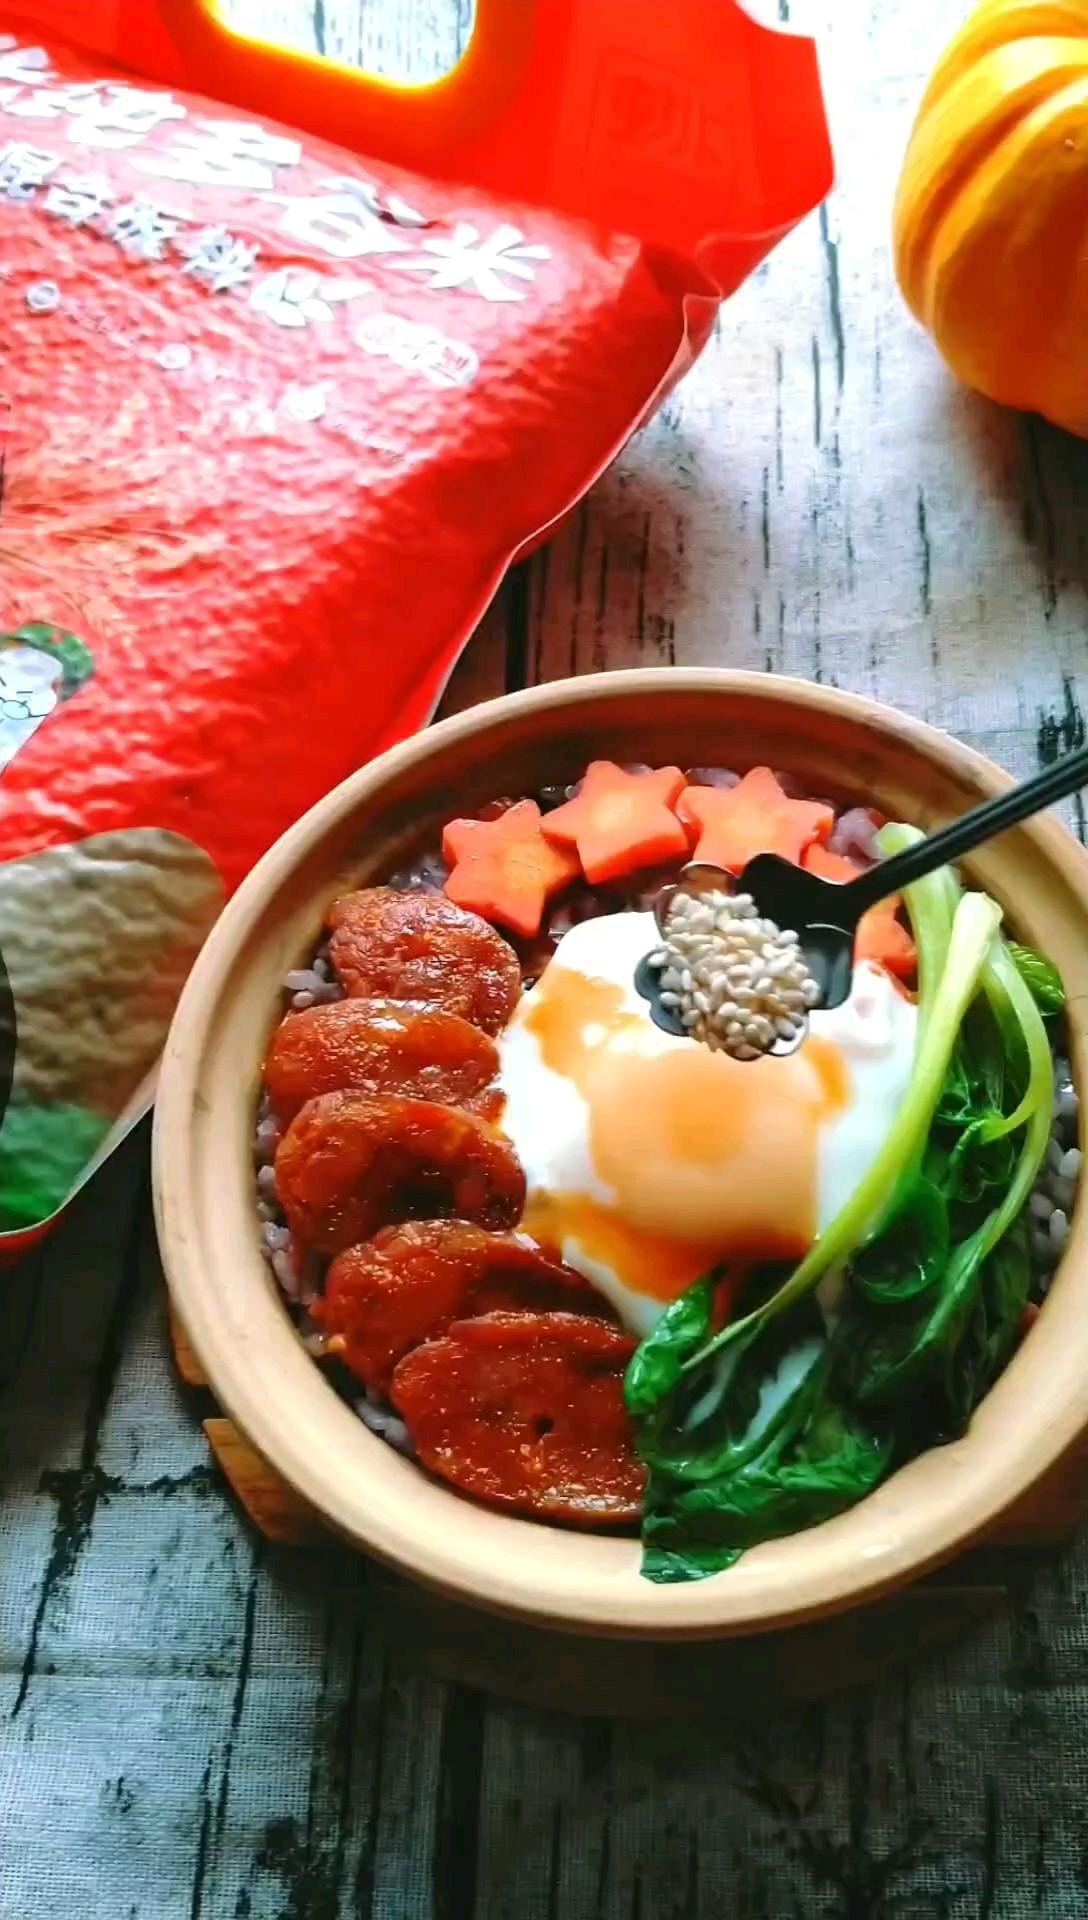 香肠焖谷米饭